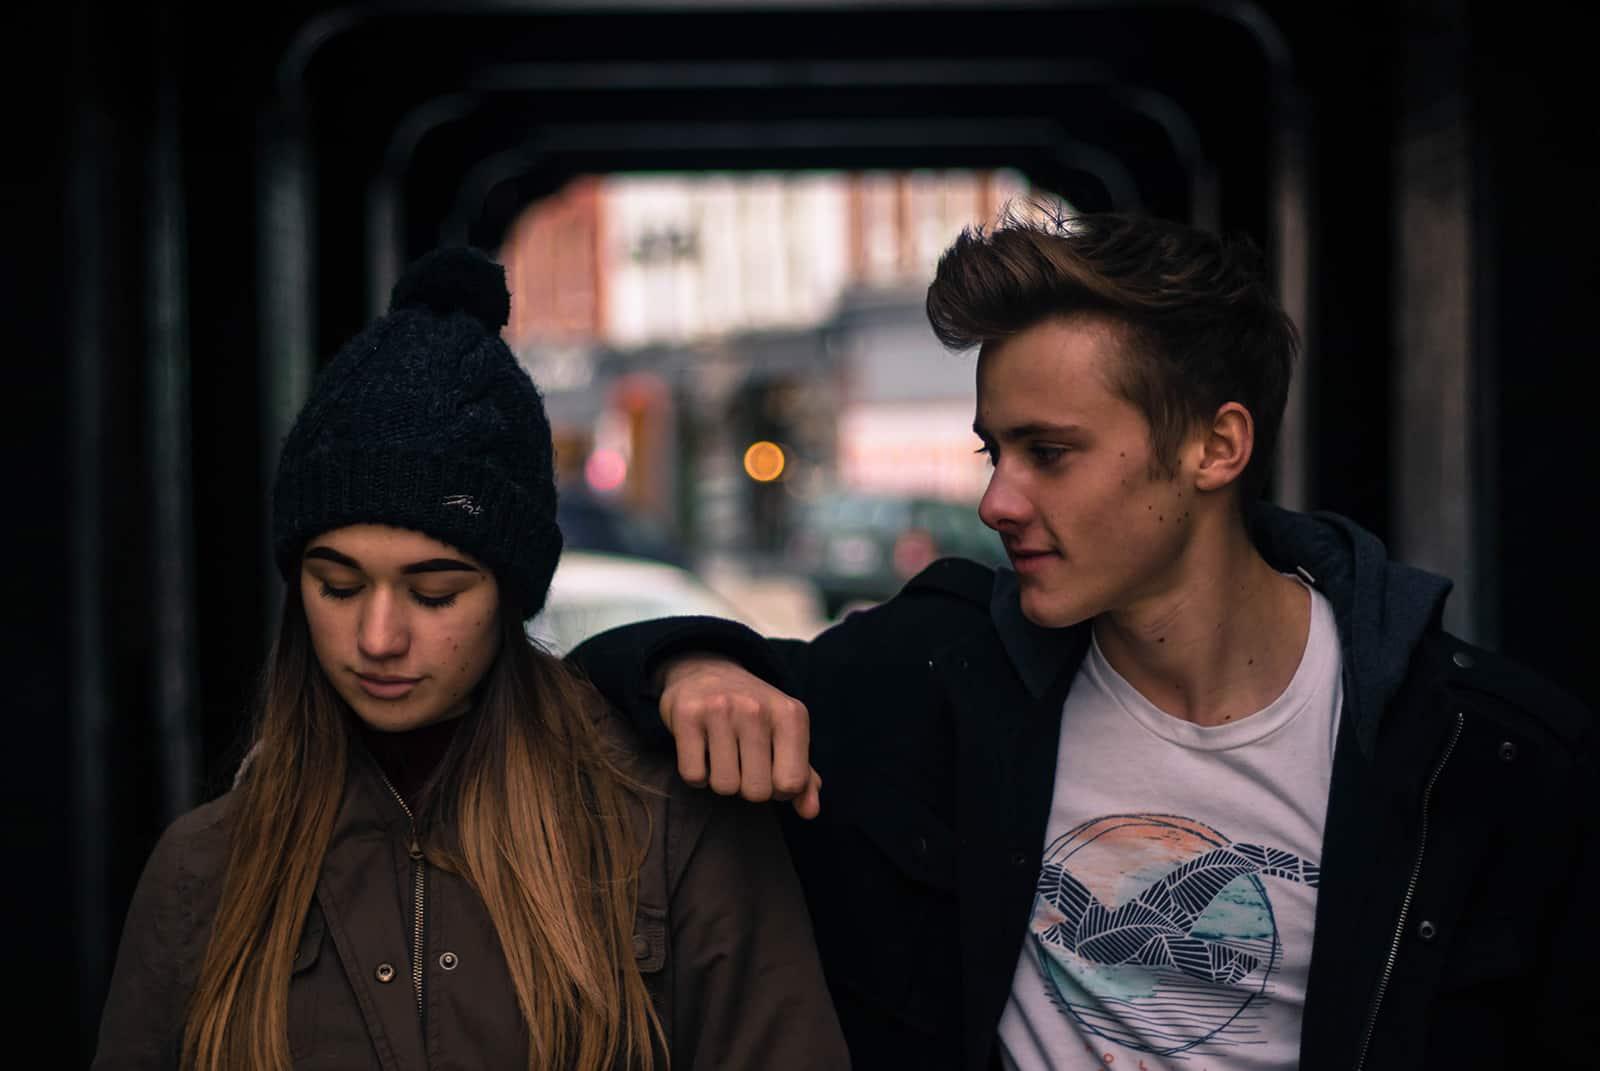 Ein lächelnder Mann stützte eine Hand auf eine Frau, die den Kopf von ihm abwandte